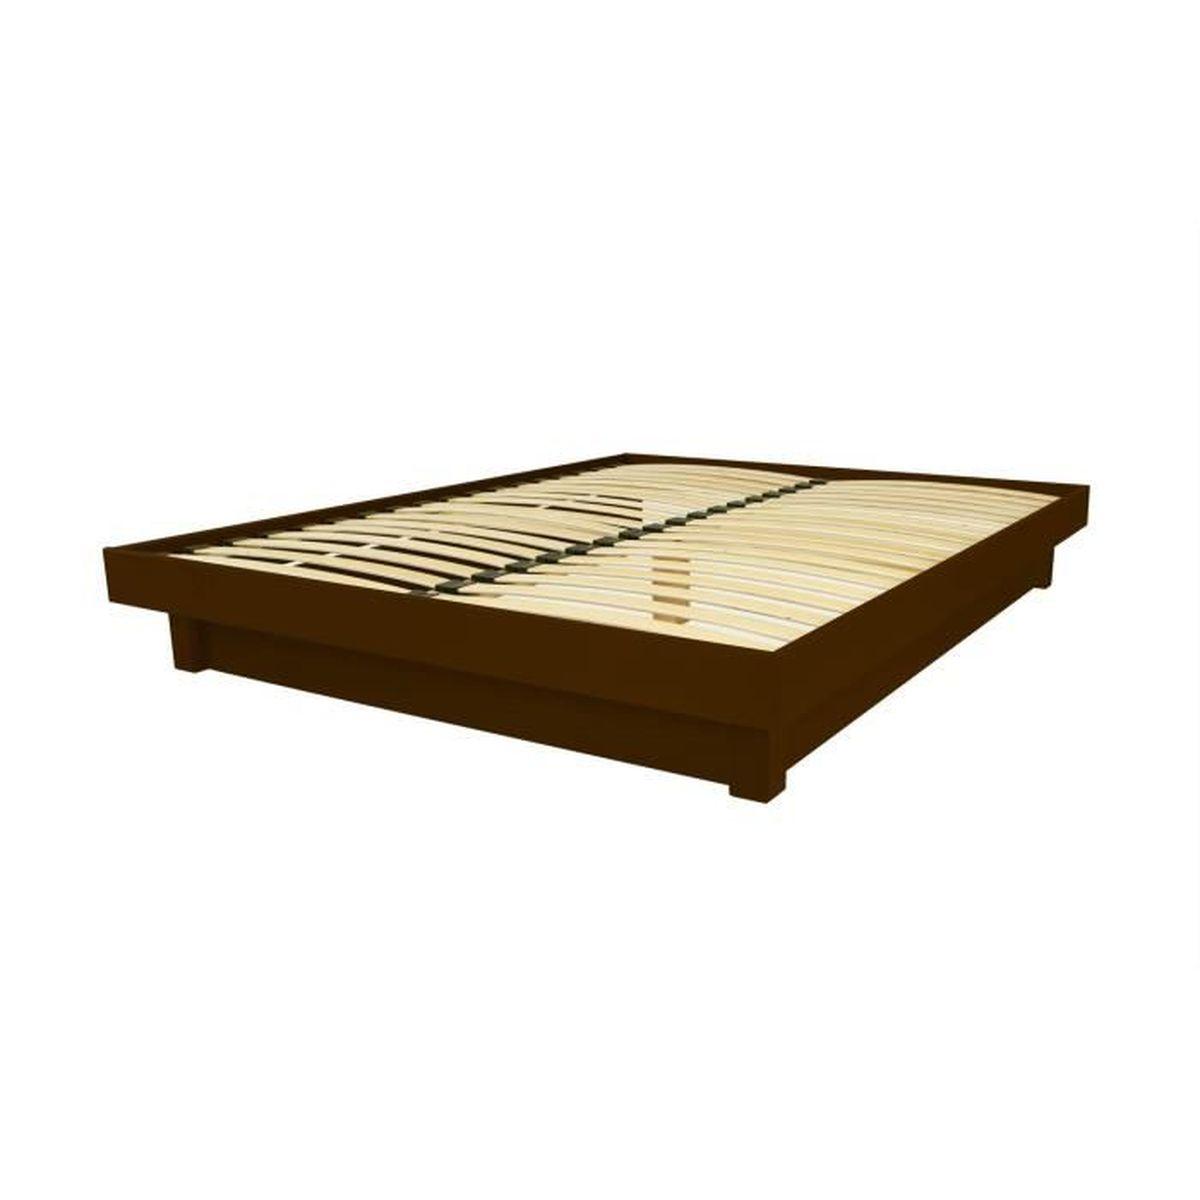 Lit plateforme bois massif pas cher (Wengé - 140x190) - Achat ...